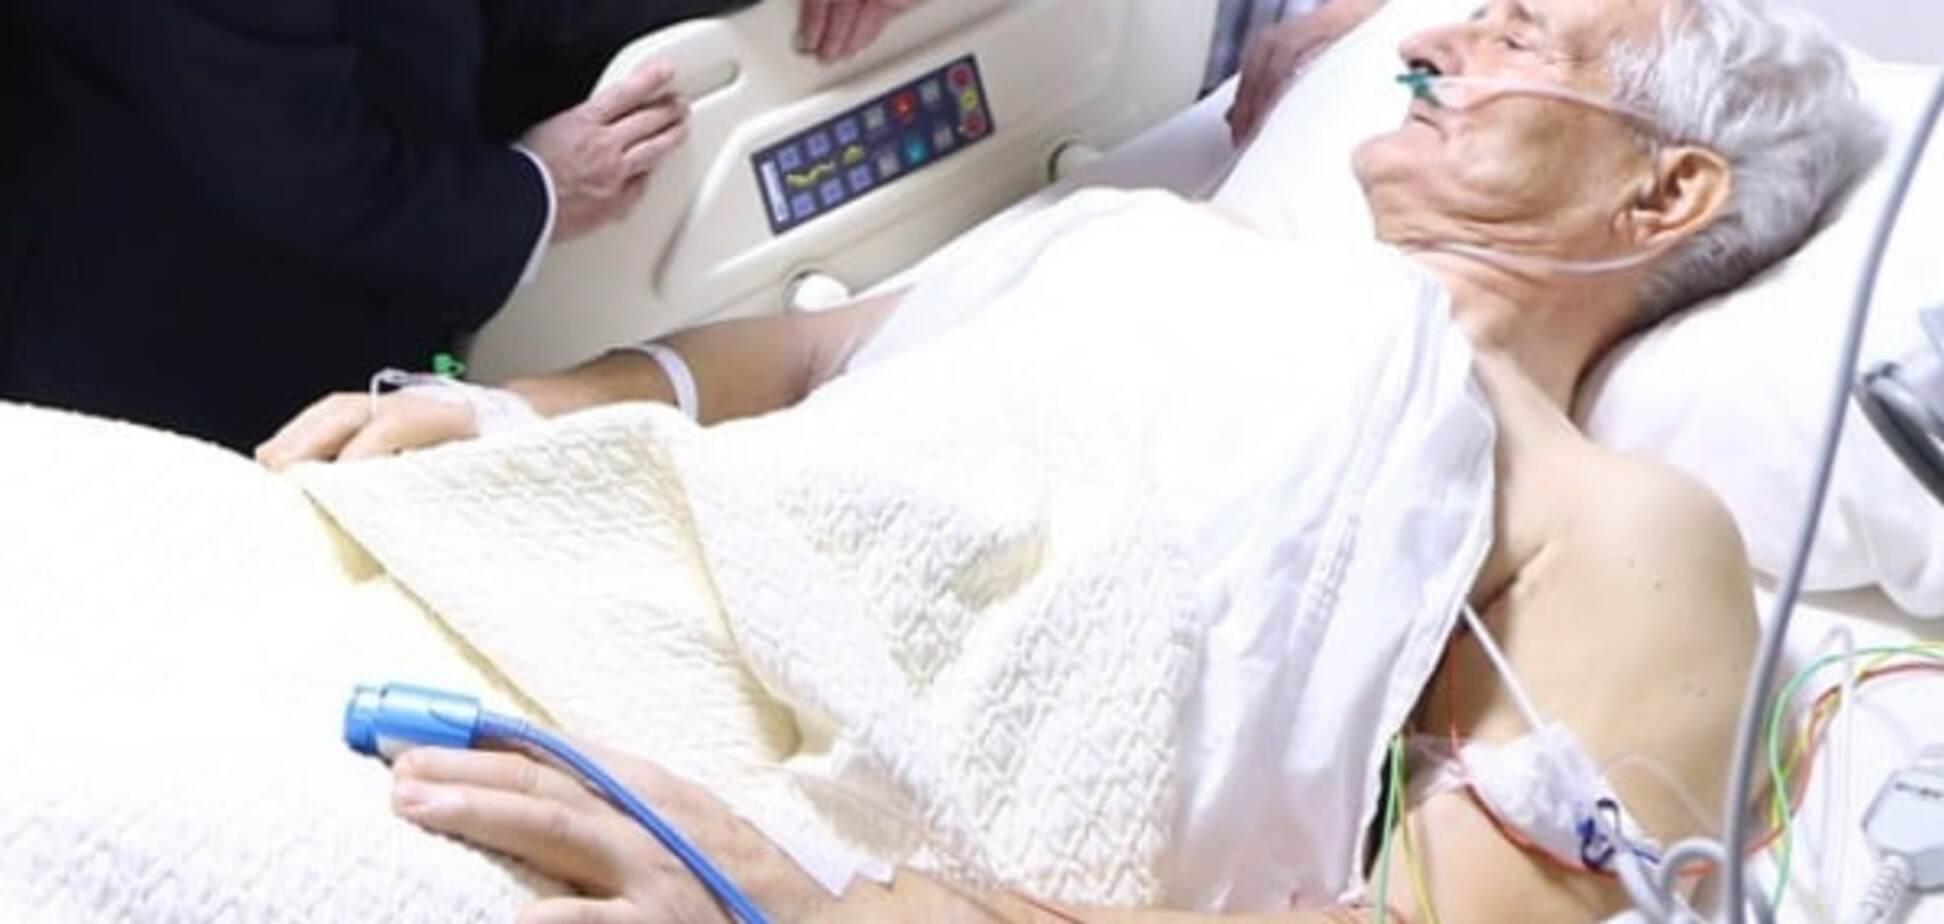 Медики рассказали, что поможет выжить при остановке сердца